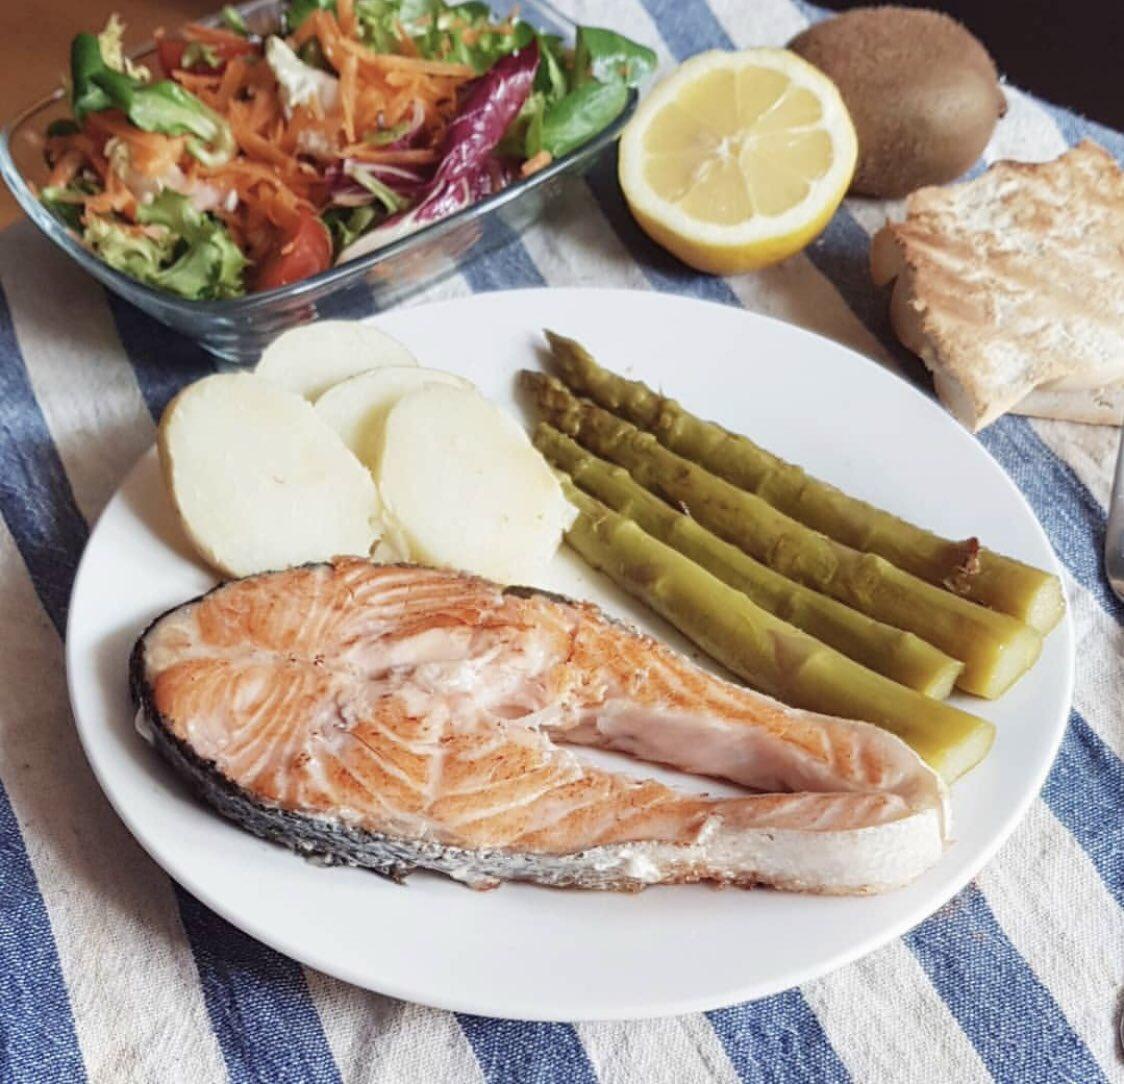 CÁLCULO DE CALORÍAS DIARIAS PARA PÉRDIDA DE PESO.  ✅ Balance energético ✅ Calcula las calorías de tu dieta ✅ Densidad calórica de los alimentos ✅ Listado de 50 ALIMENTOS según sus macronutientes  Lee aquí 👉🏼 https://t.co/B3oQ3bzJgl  ➕Post: https://t.co/0VAmclb24F https://t.co/vg4u7qAFt8